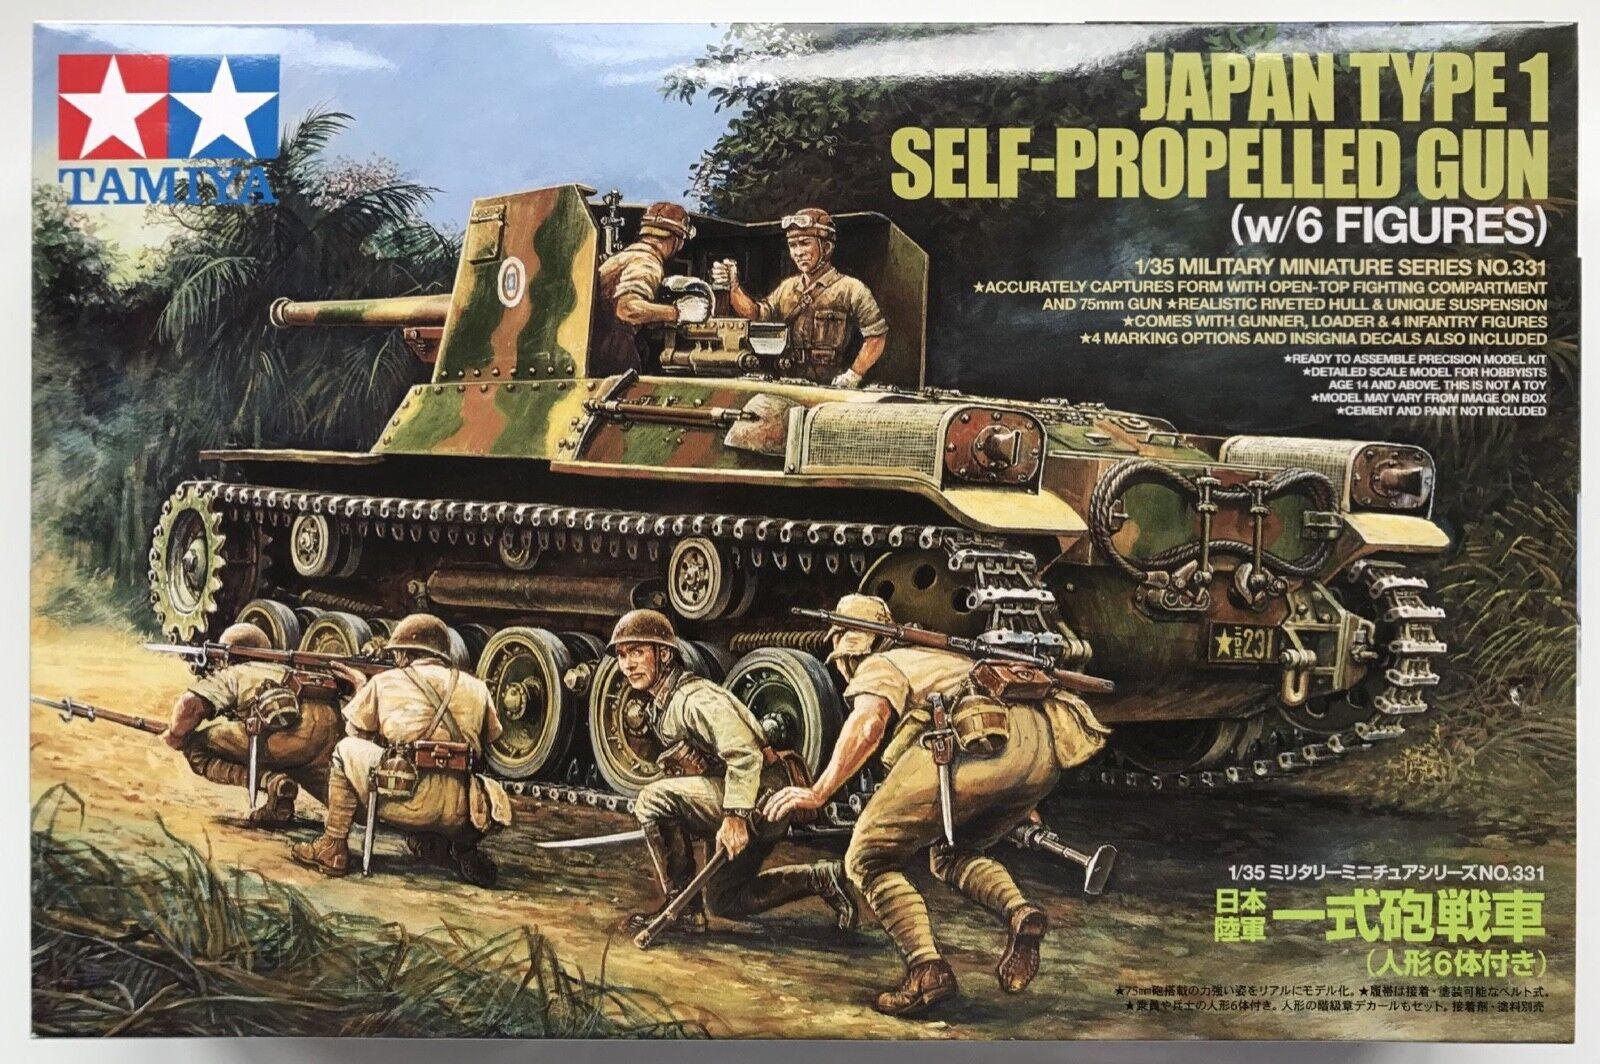 Tamiya 35331 Japan Type 1 Self-Propelled Gun (w 6 Figures) 1 35 Model Kit NIB